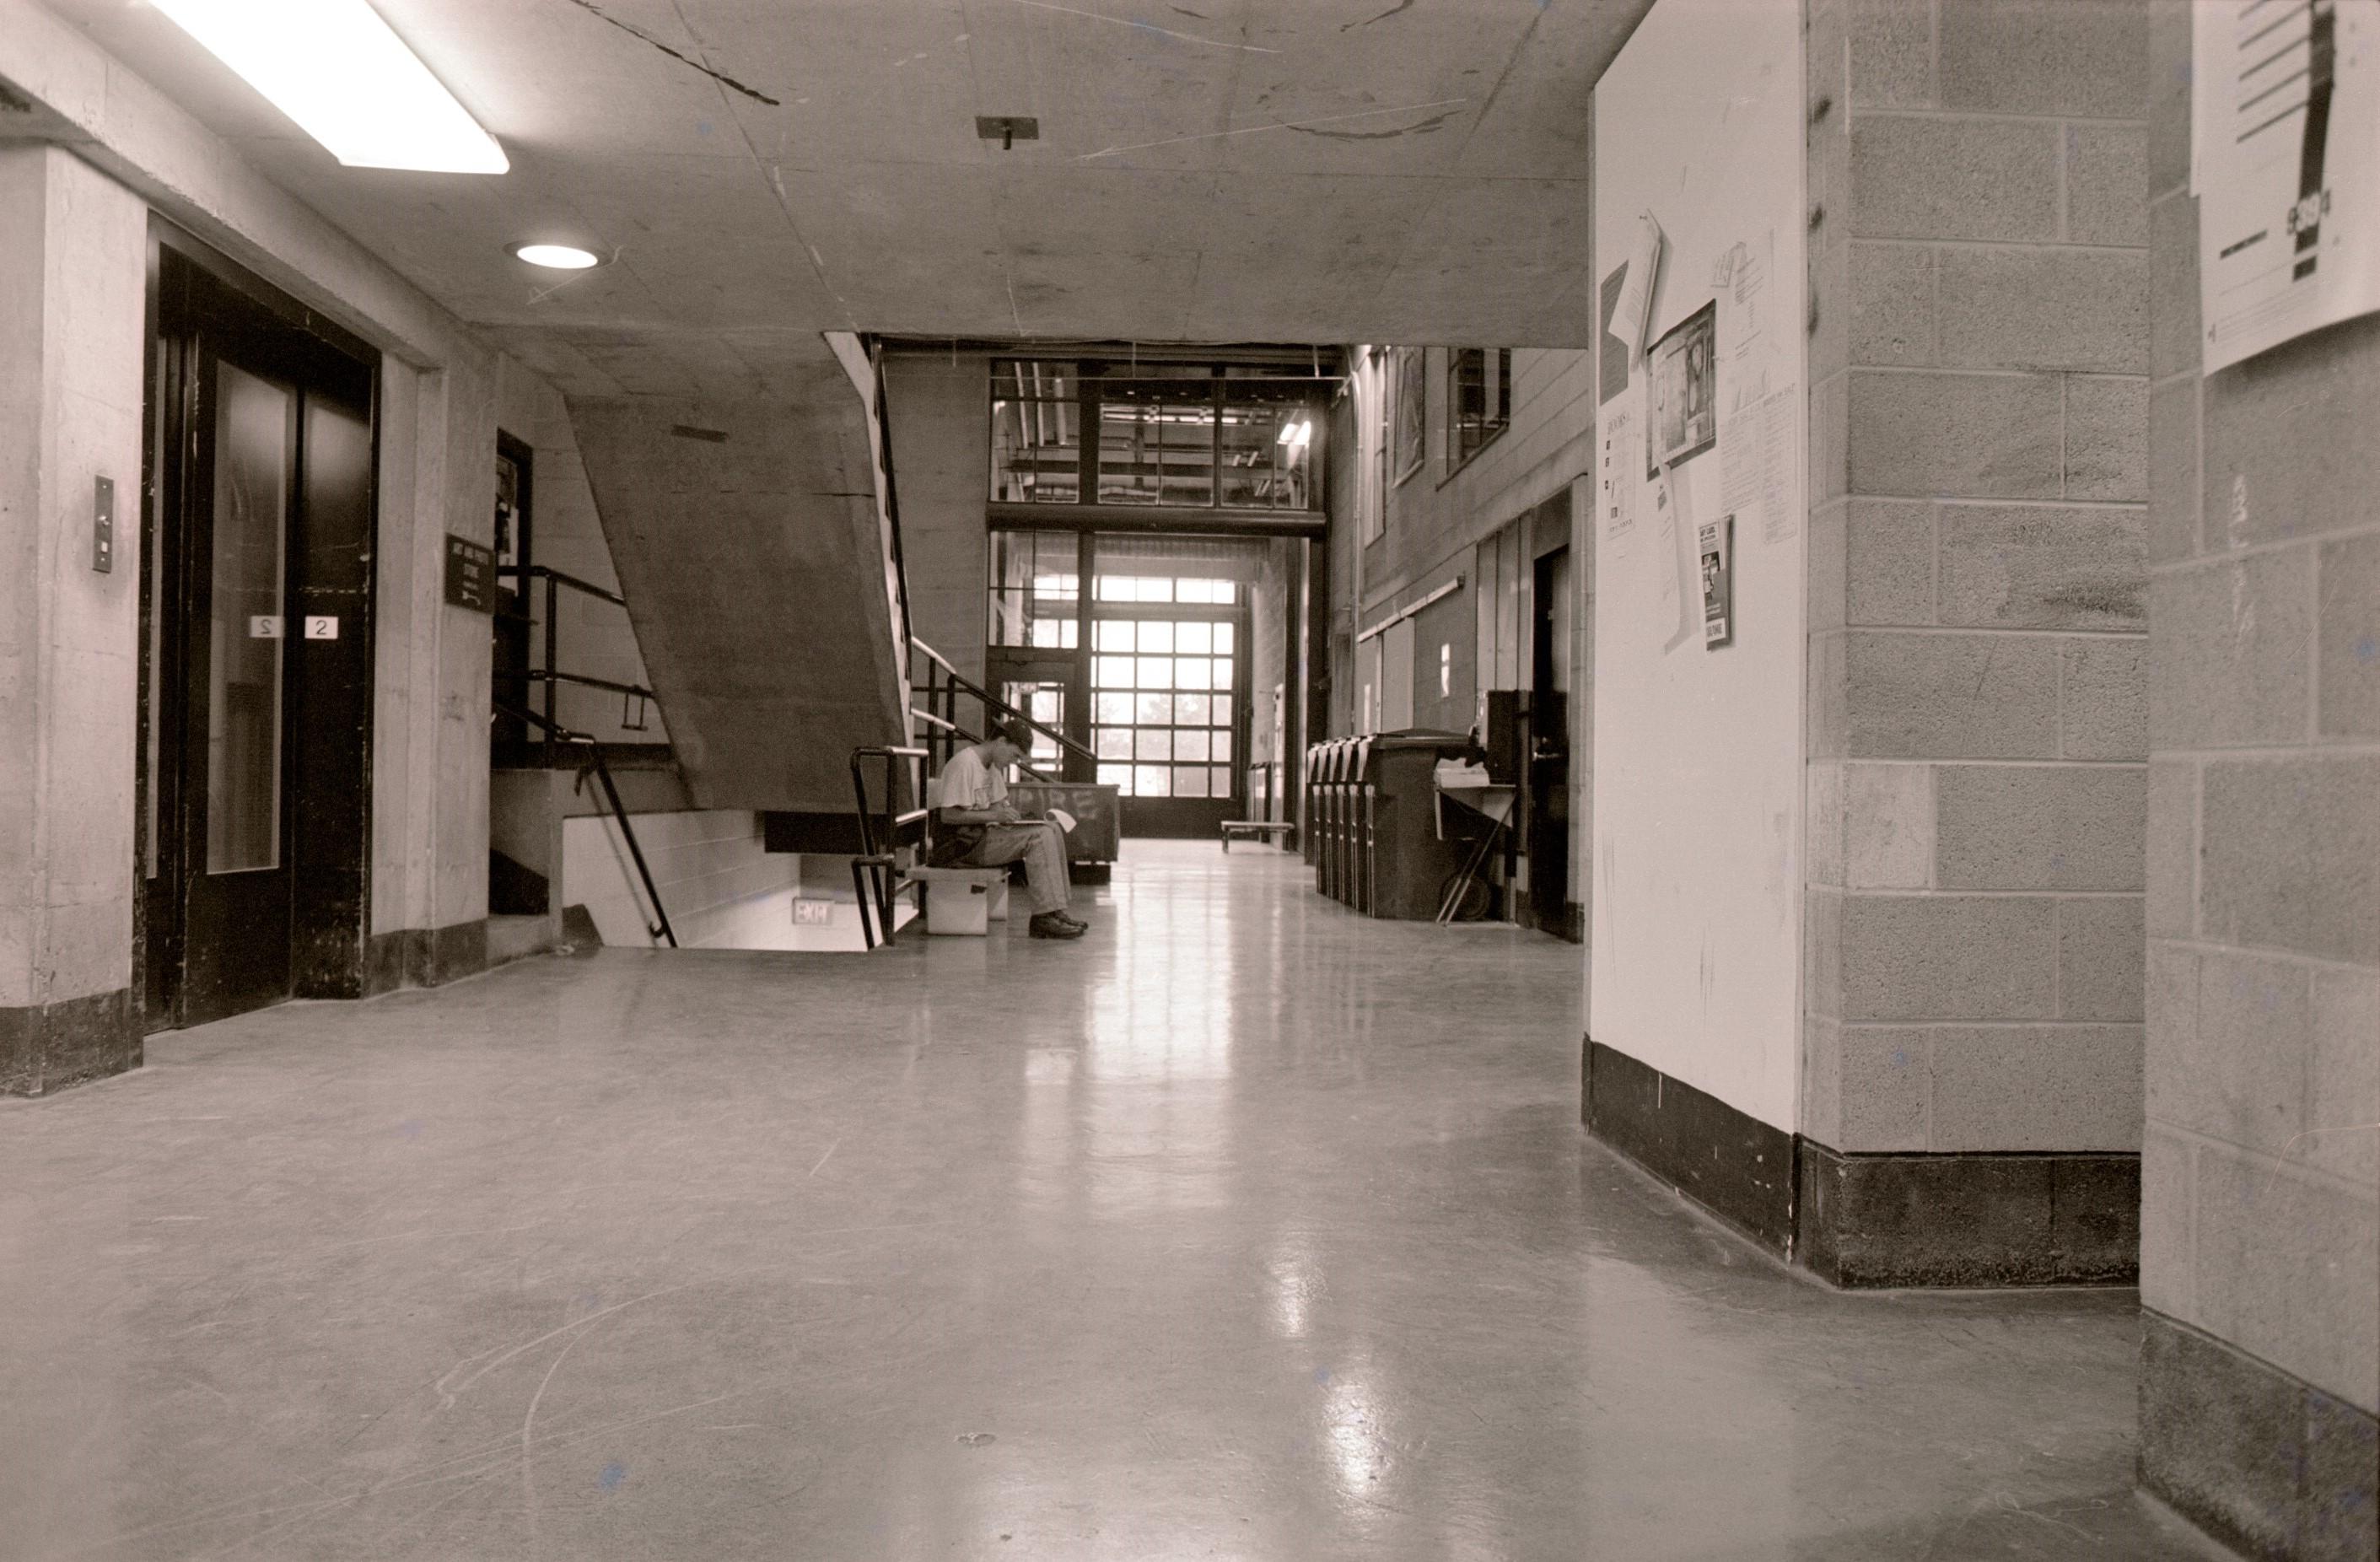 School interiors mid-90s-0003